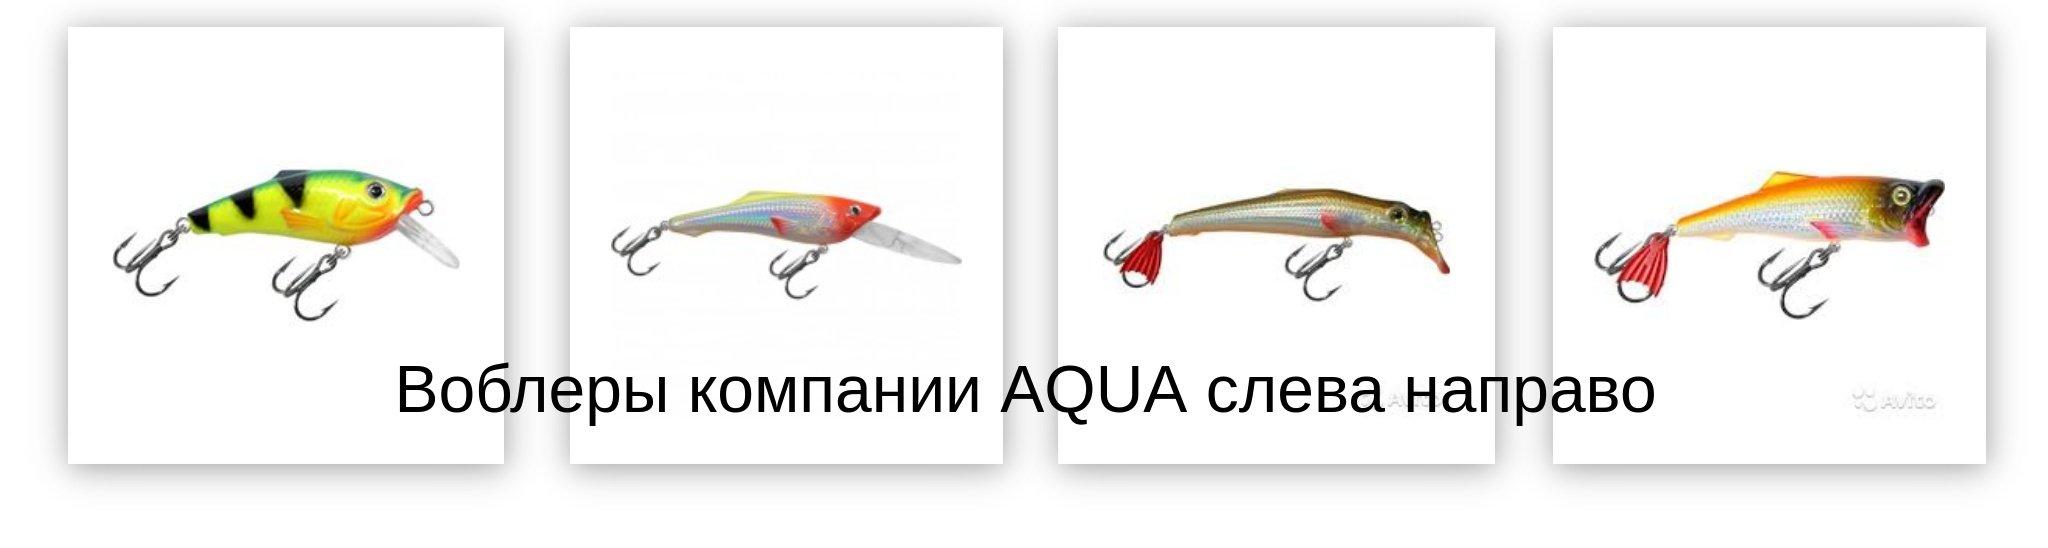 Воблеры компании АКВА